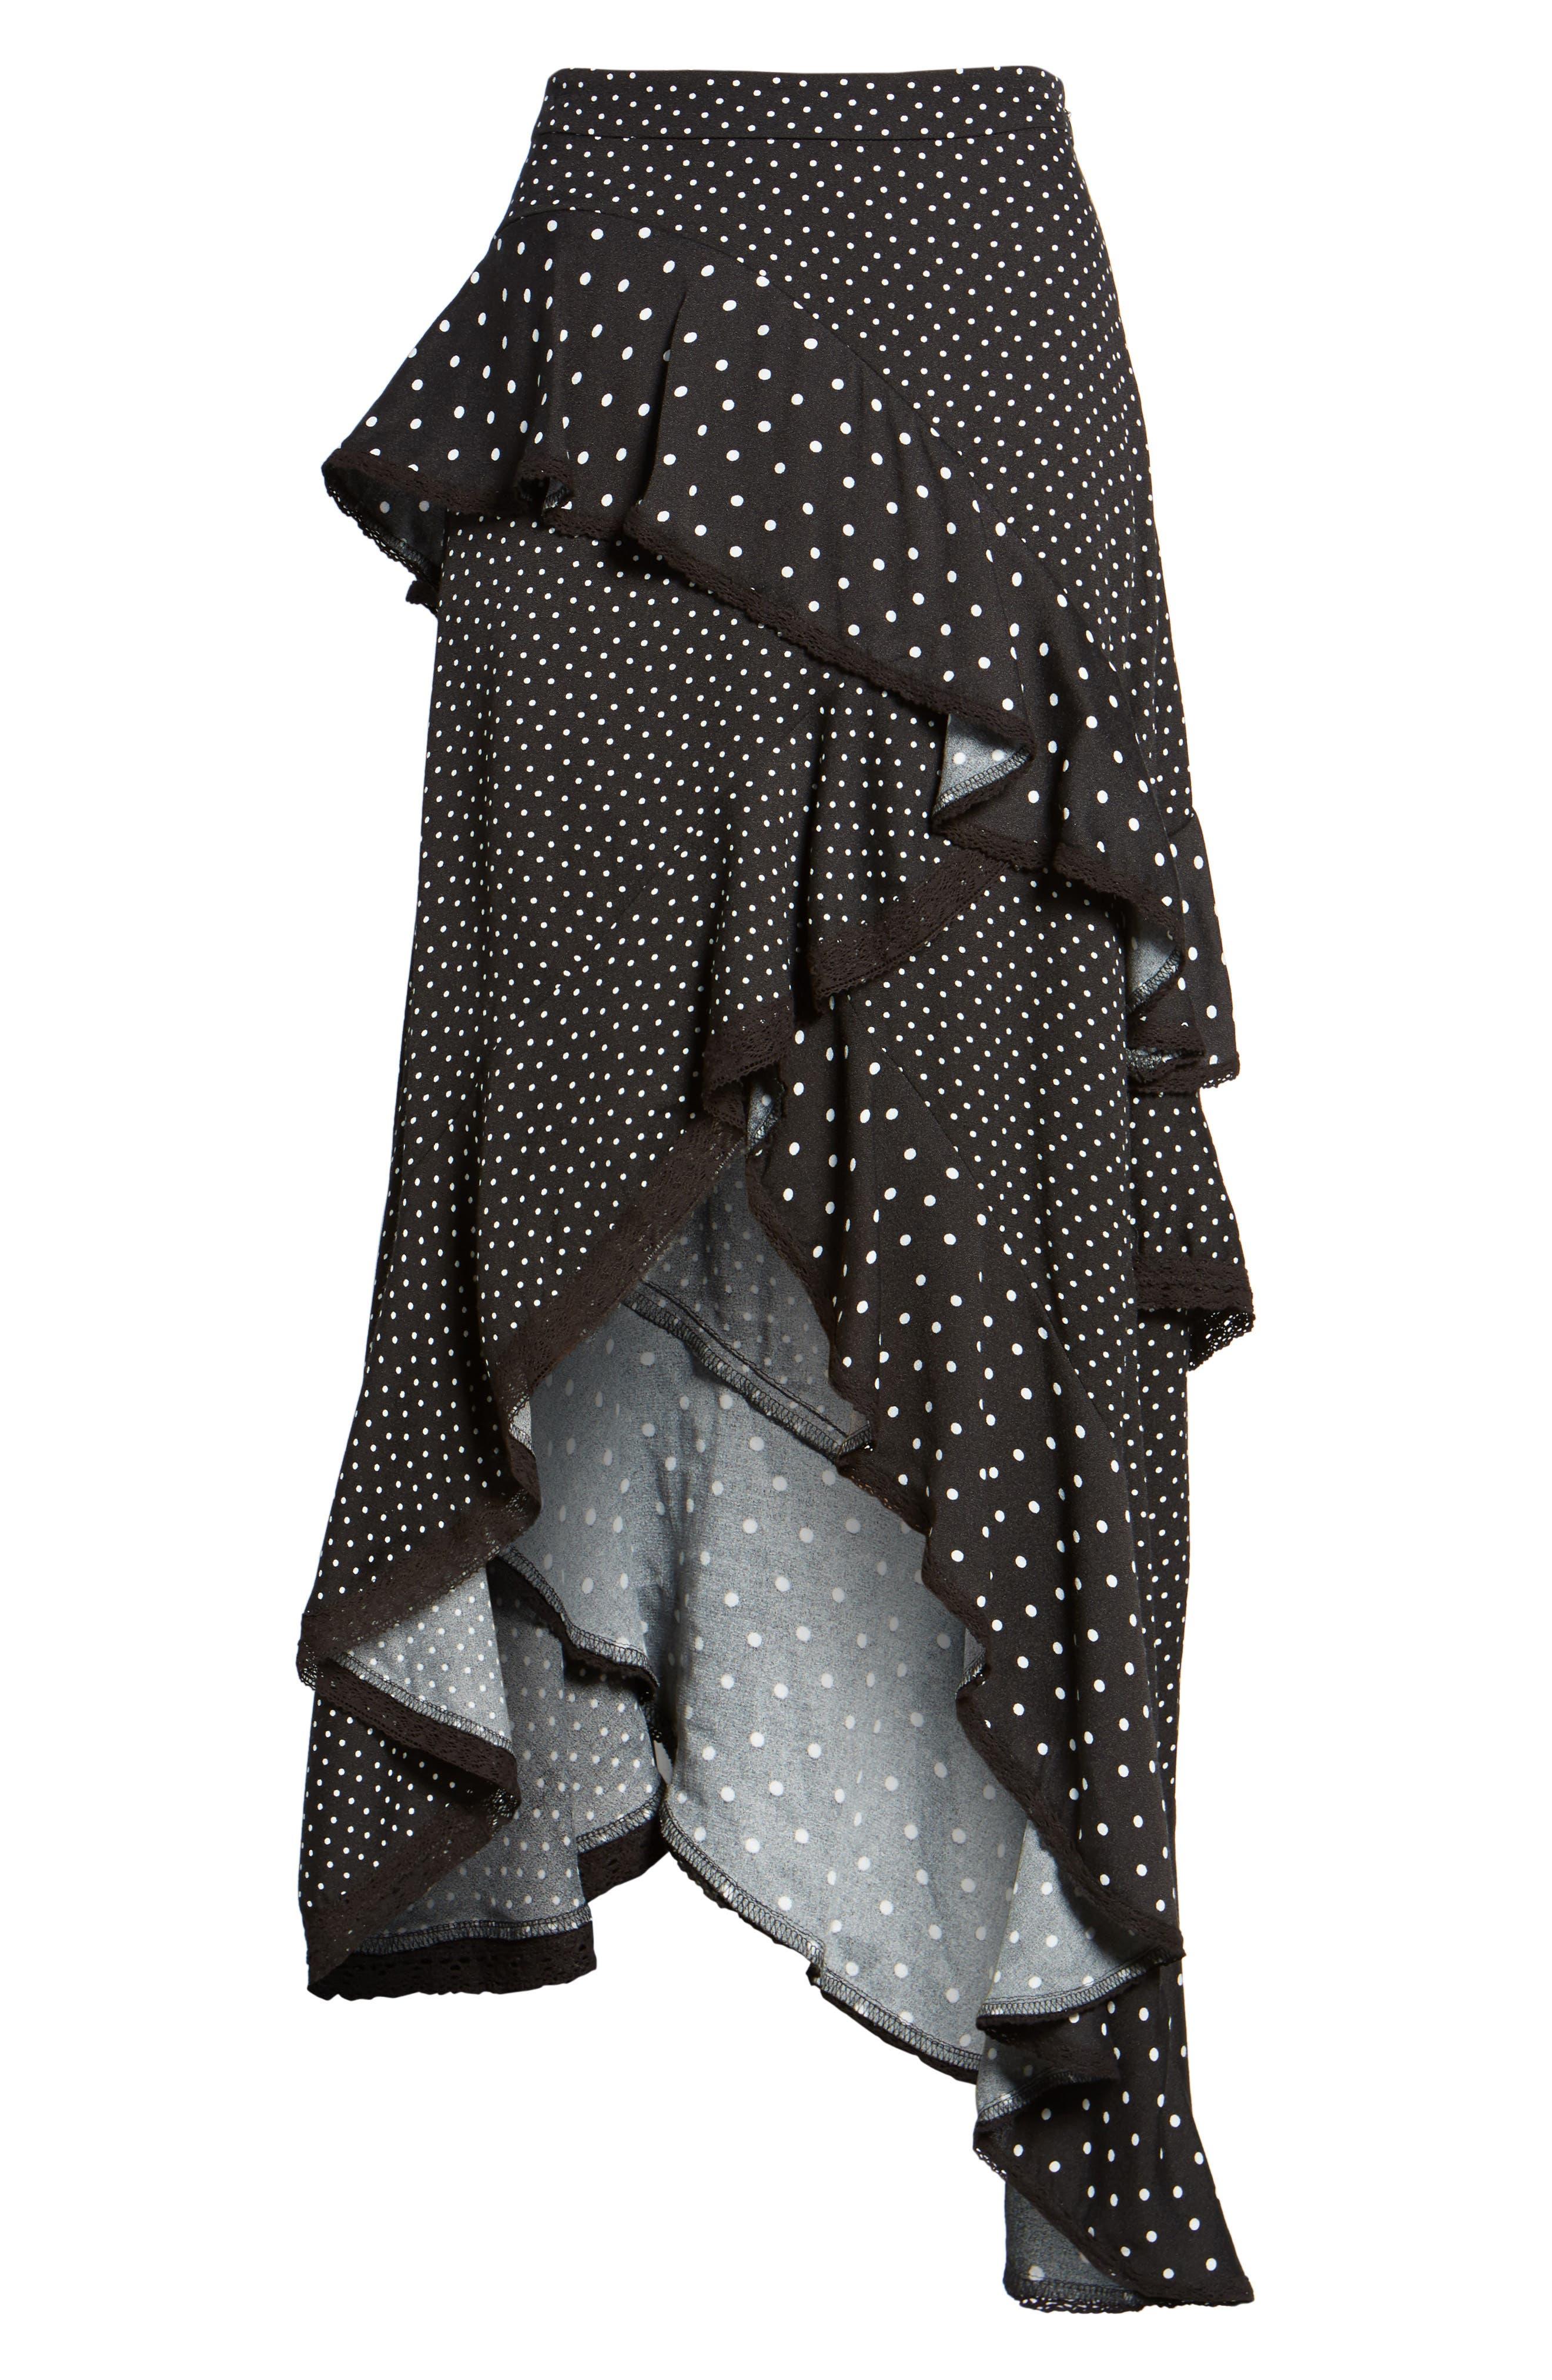 Grace Asymmetrical Ruffle Skirt,                             Alternate thumbnail 6, color,                             Noir Polka Dot